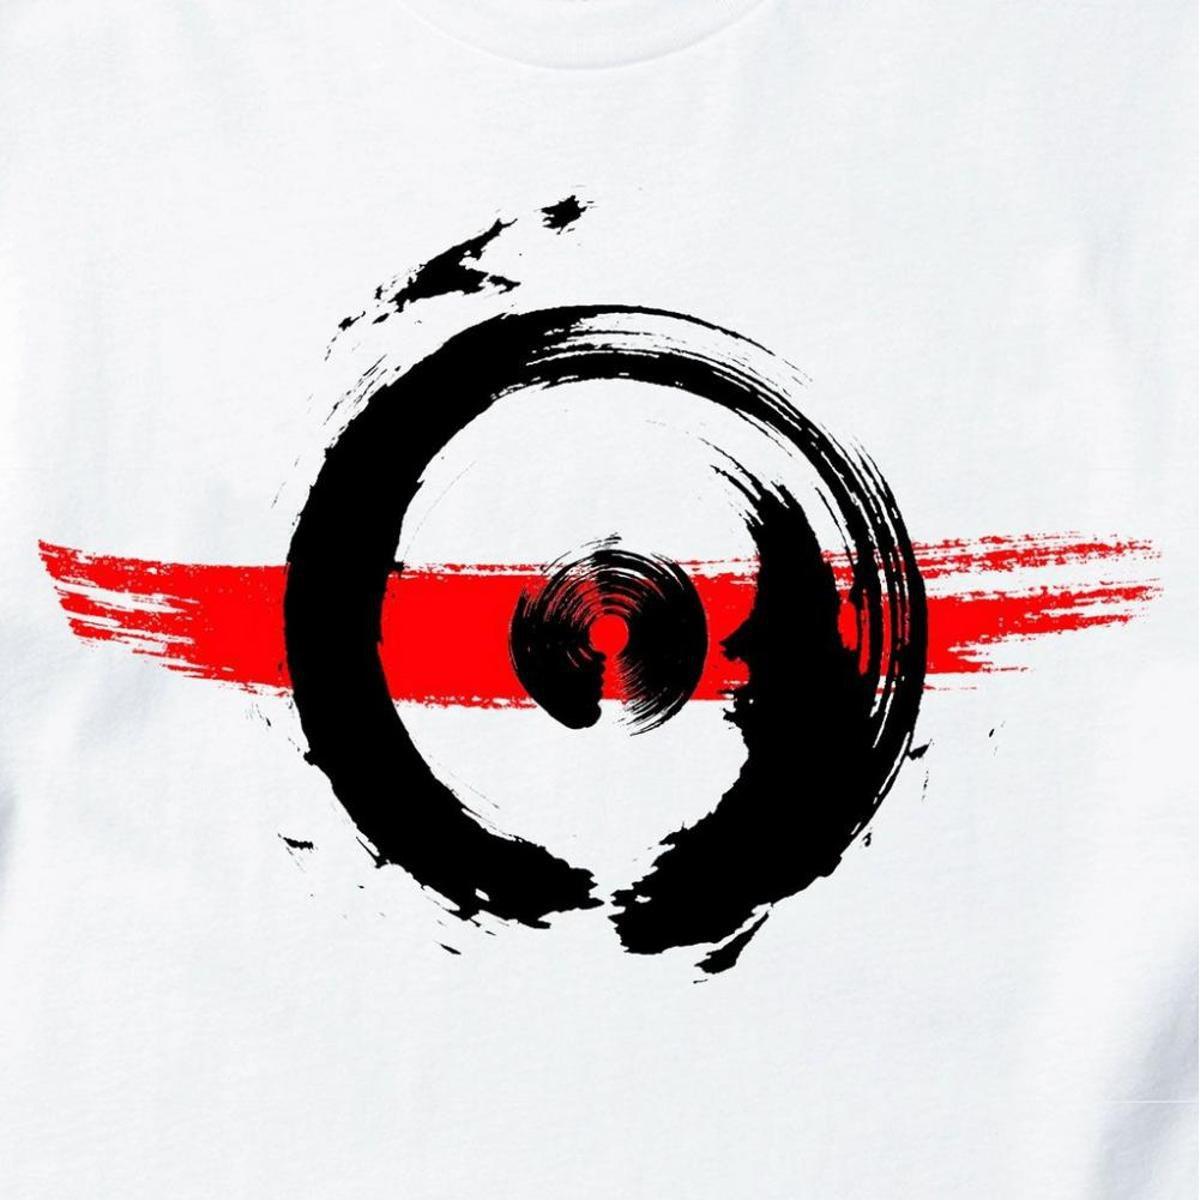 Camiseta Cool Tees Arte em Campo Masculina - Branco e Vermelho